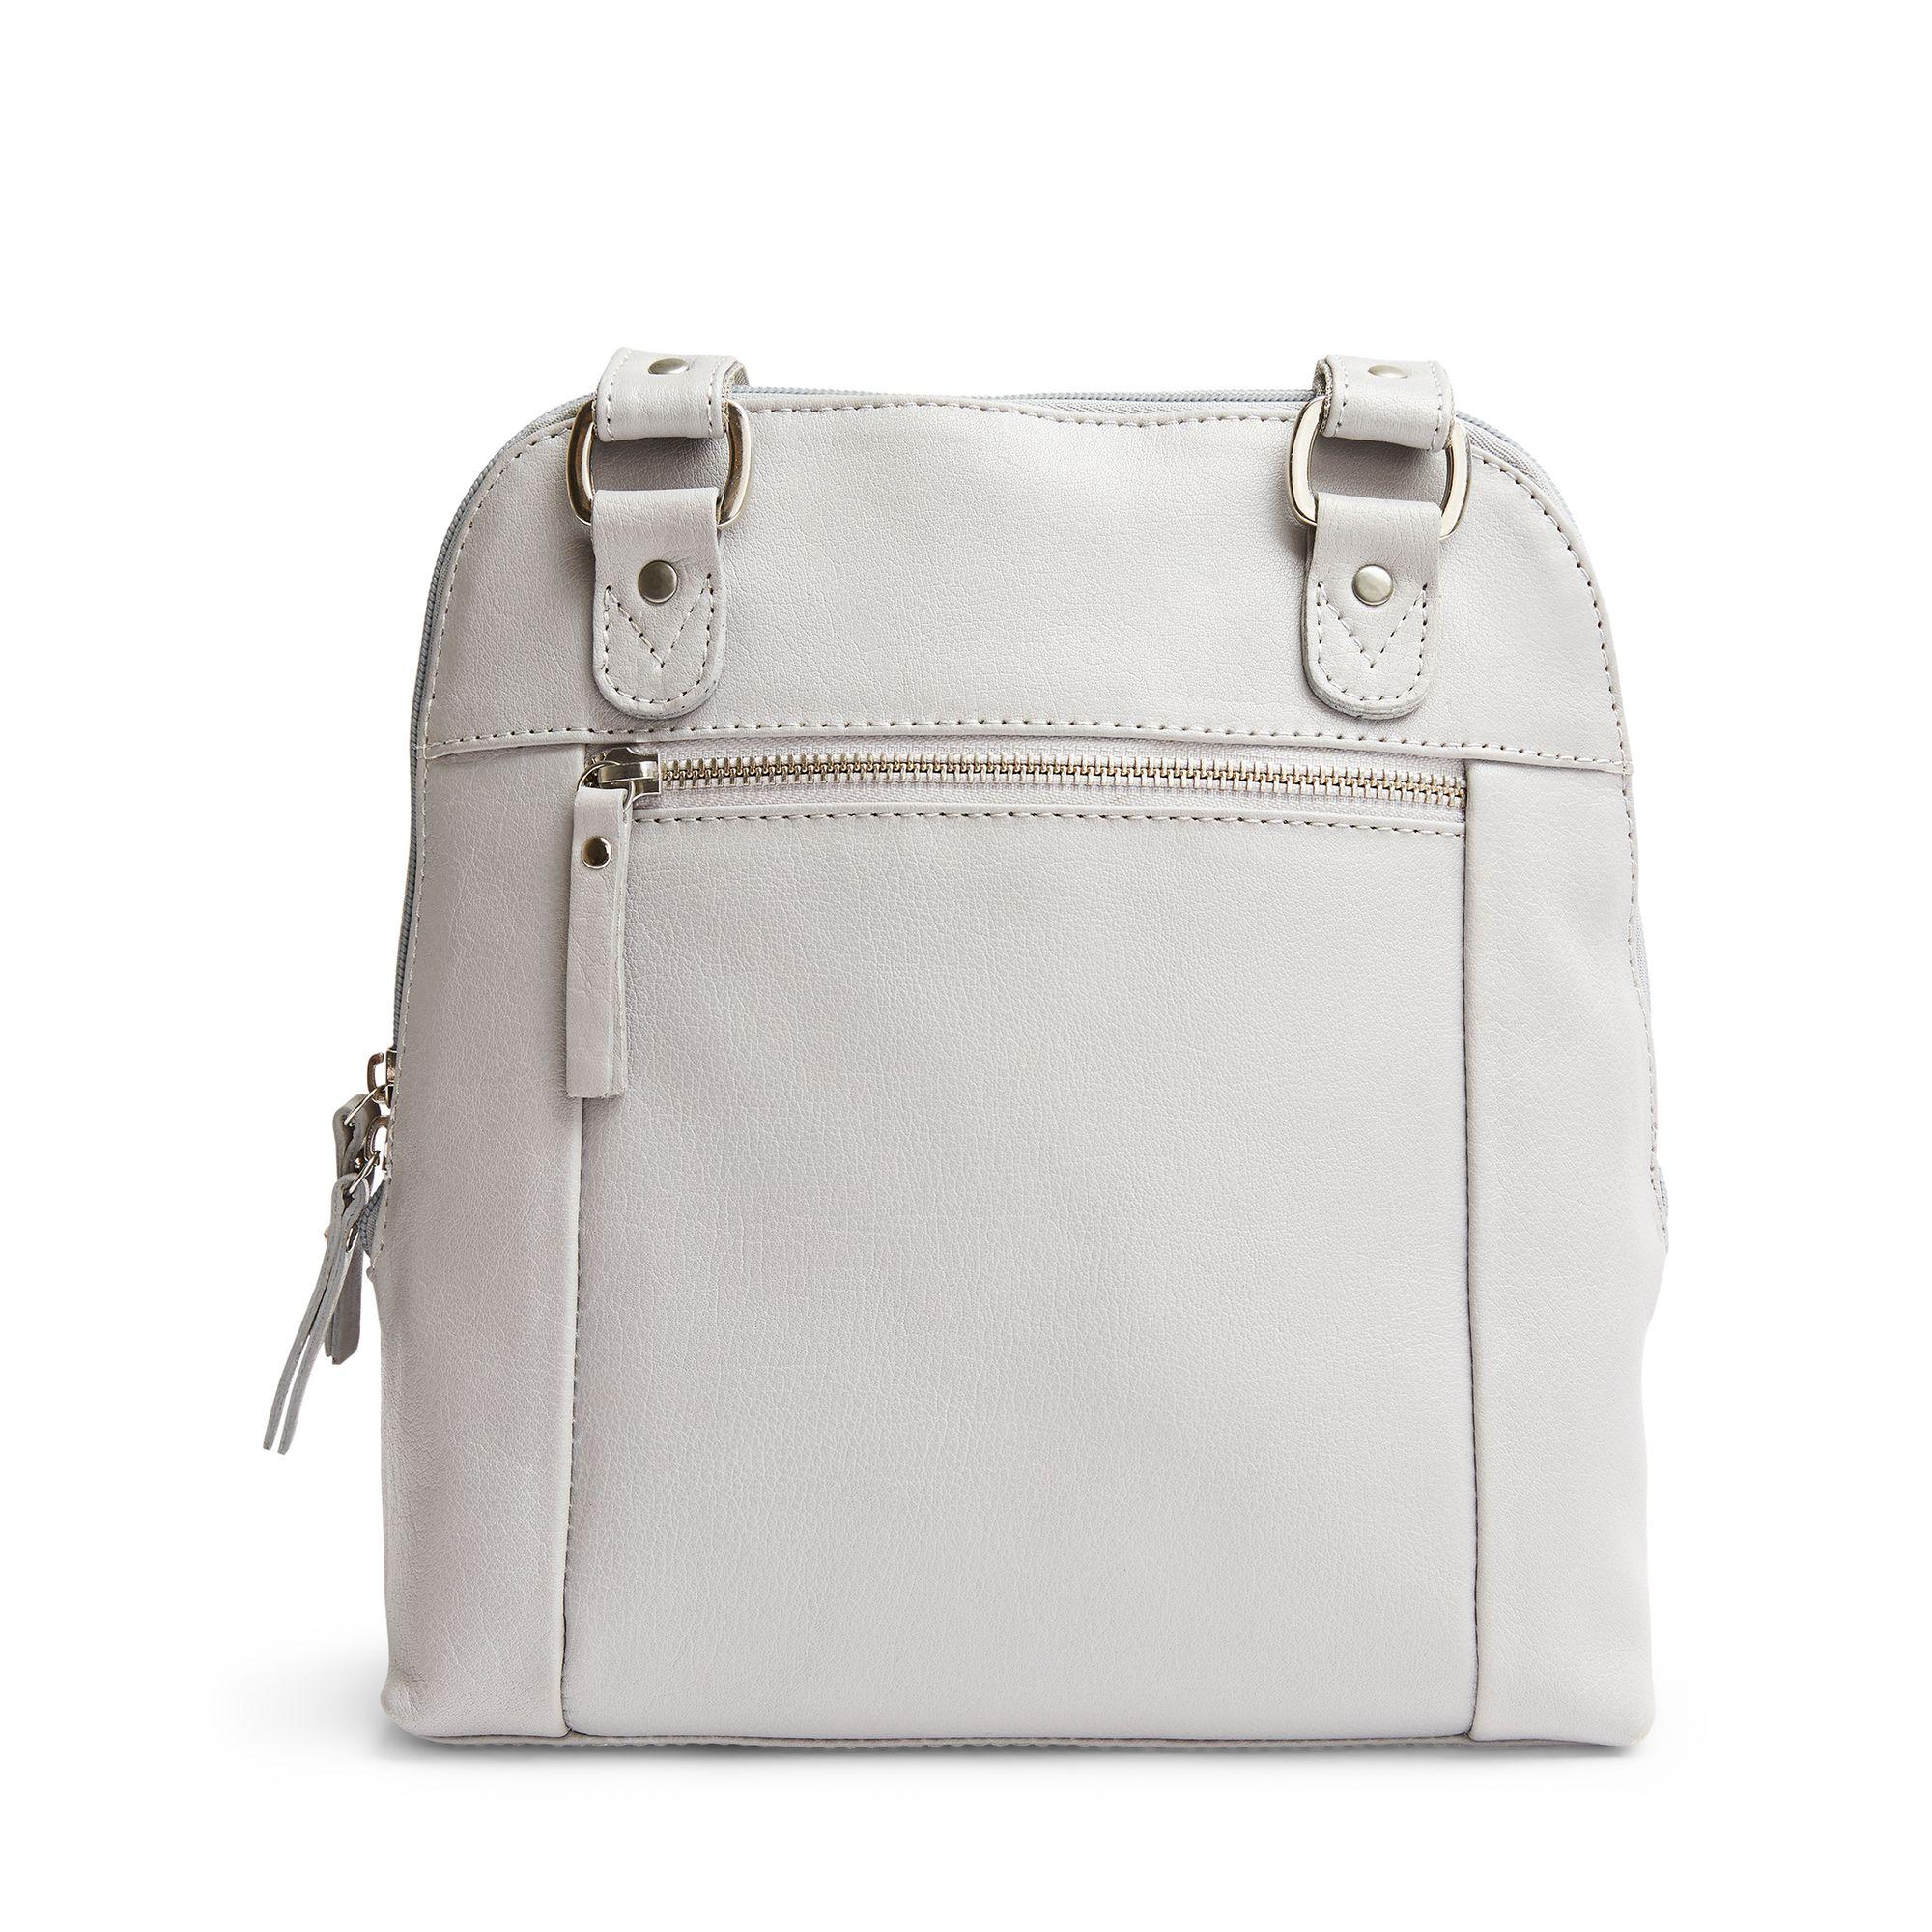 M.Collection Dora ryggsäck i skinn, 26 cm, Ljusgrå